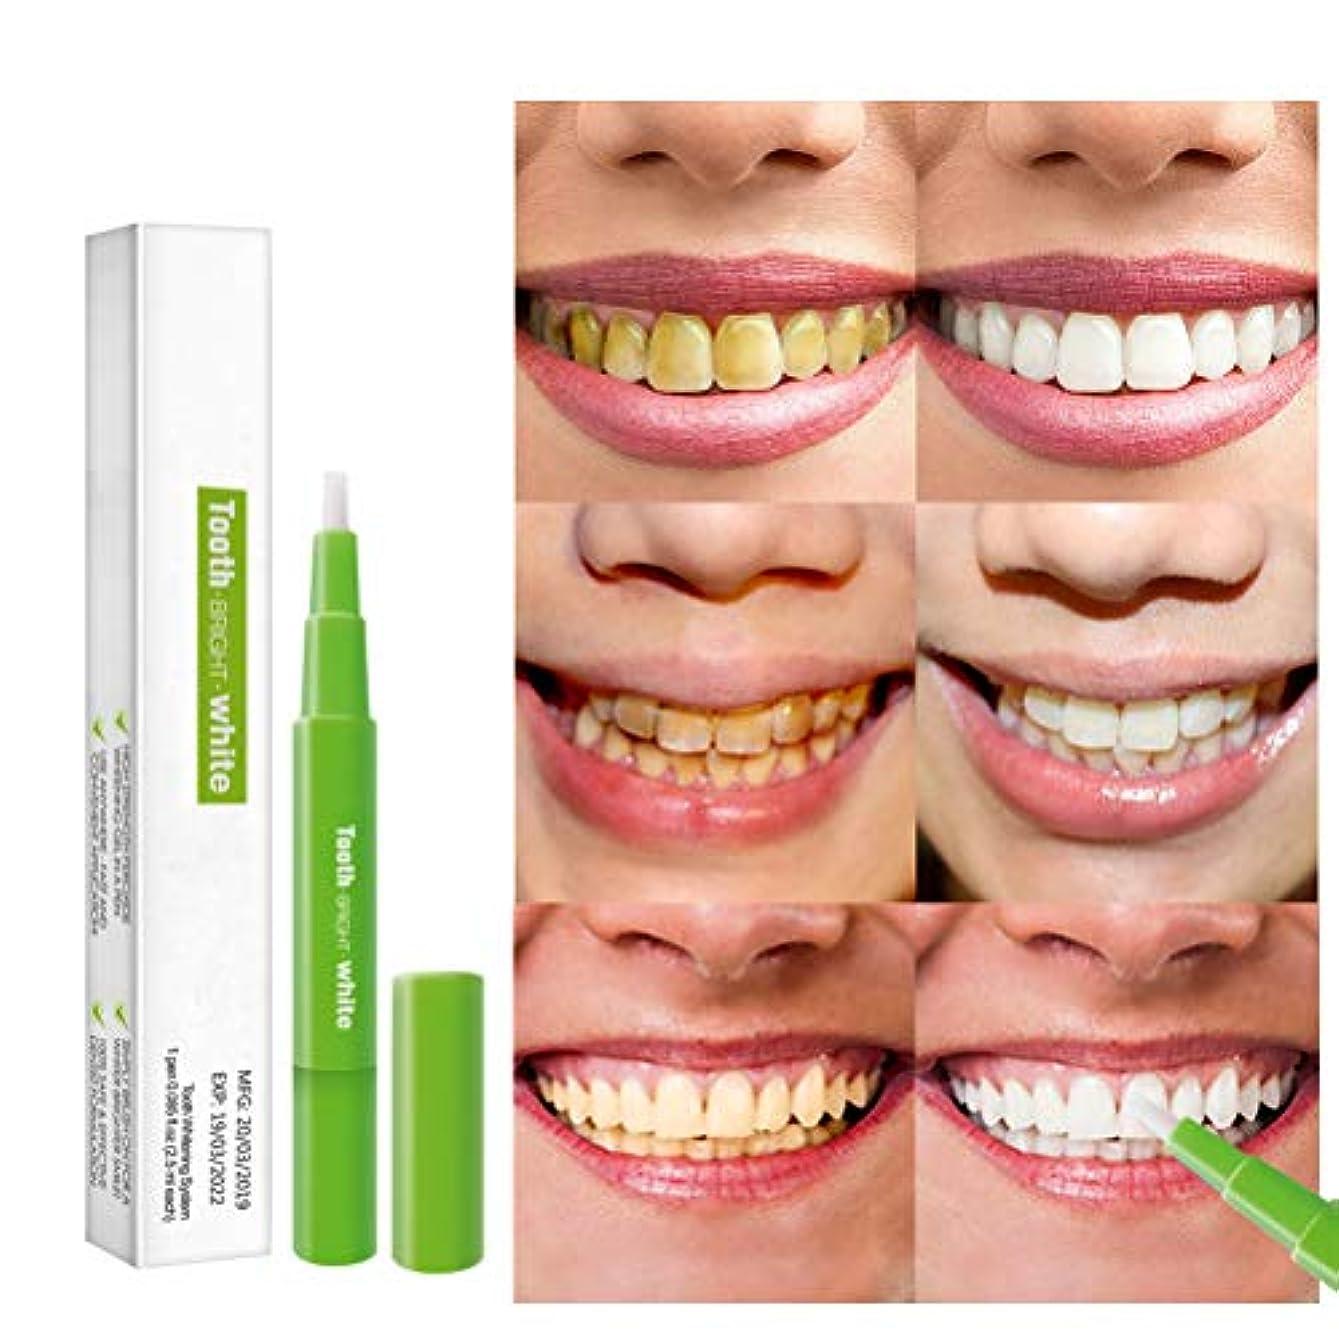 意義置き場仕出しますCreacom 歯 ホワイトニング ペン 美白歯ゲル 歯 ホワイトニングペン ホワイトニングペン 歯ブラシ 輝く笑顔 口臭防止 歯周病防止 口腔衛生 携帯便利 安全性 口腔洗浄ツール 輝かしい笑顔を見せる